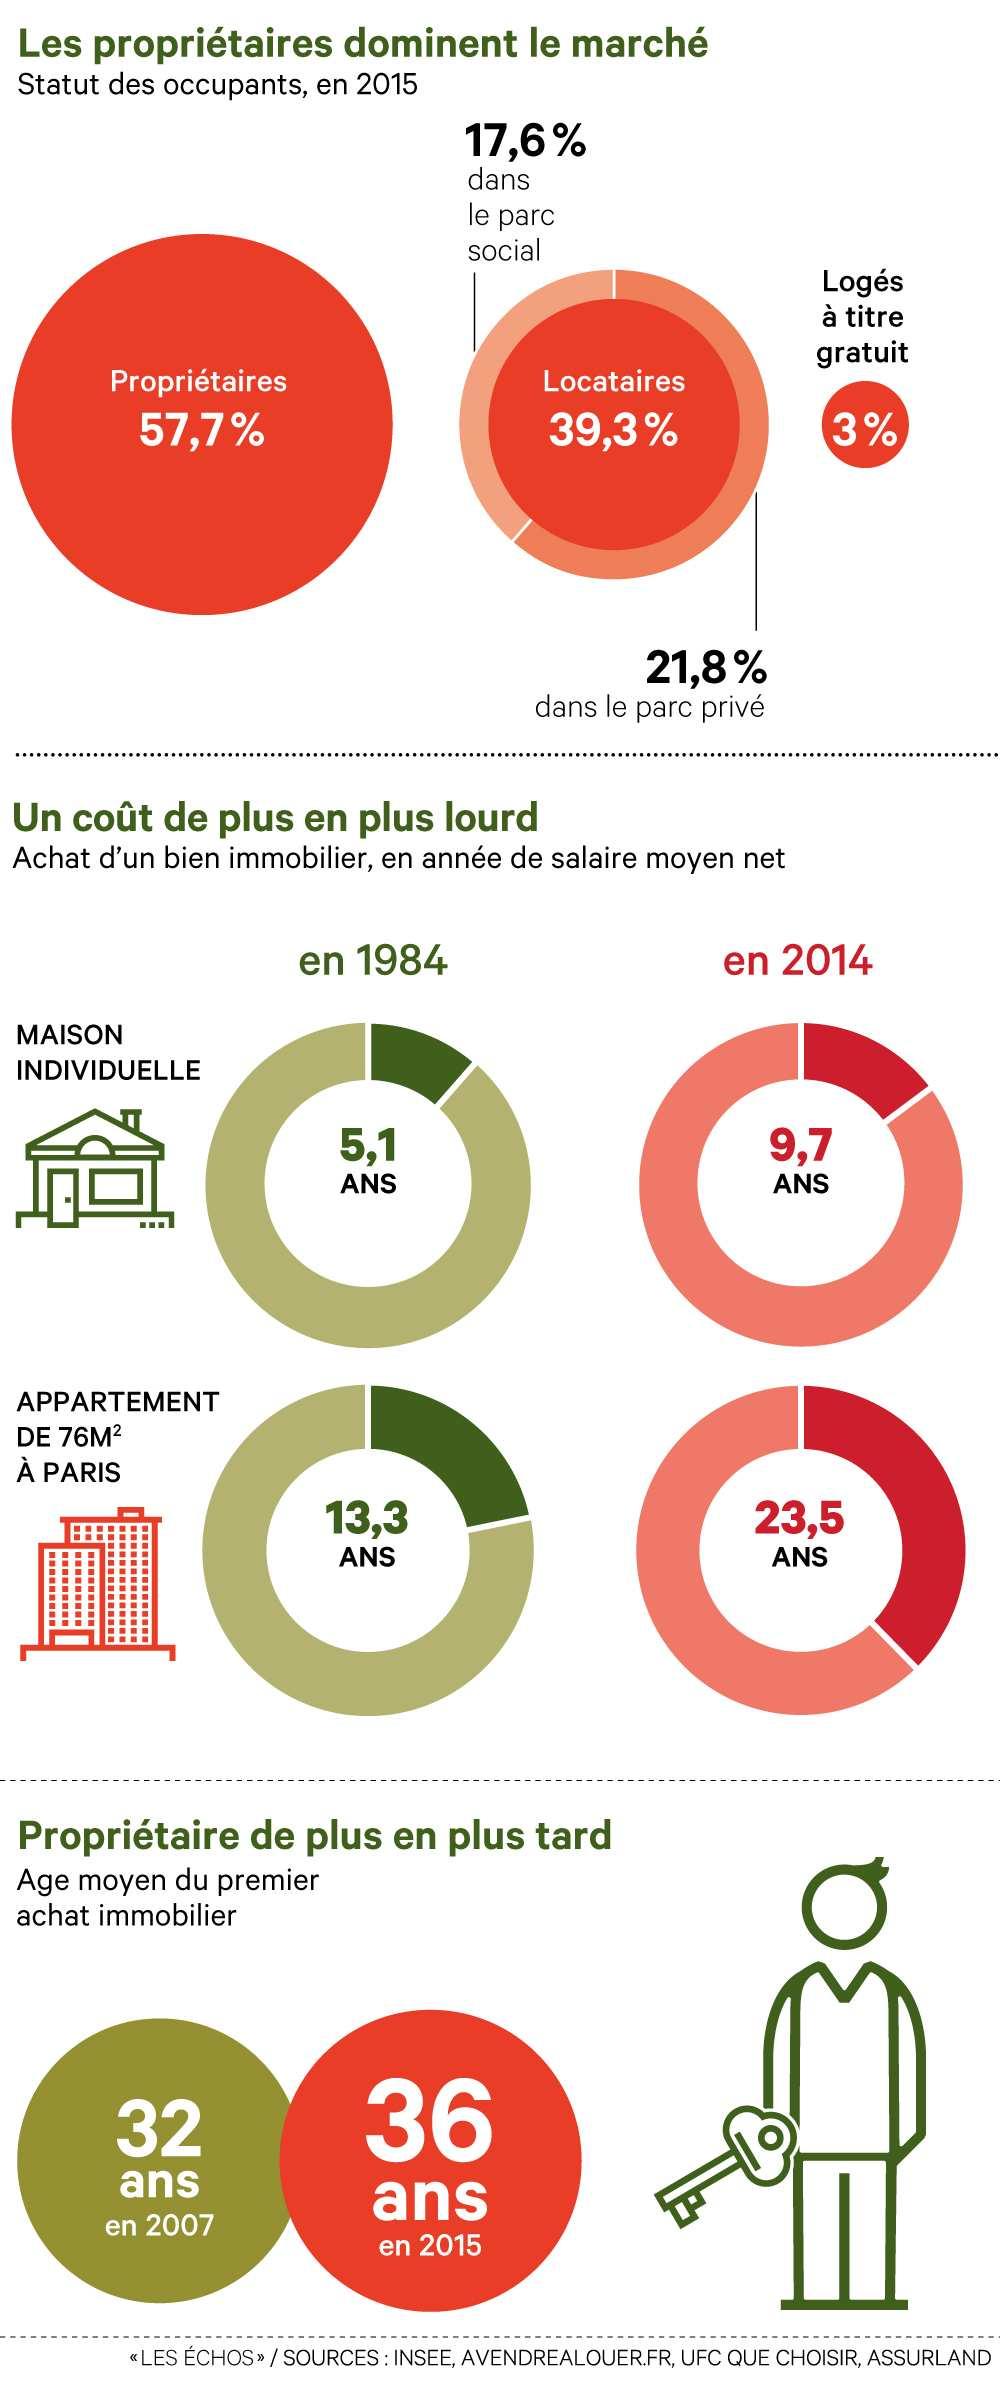 2008767_immobilier-les-grandes-tendances-du-logement-en-graphiques-web-tete-0211054351551